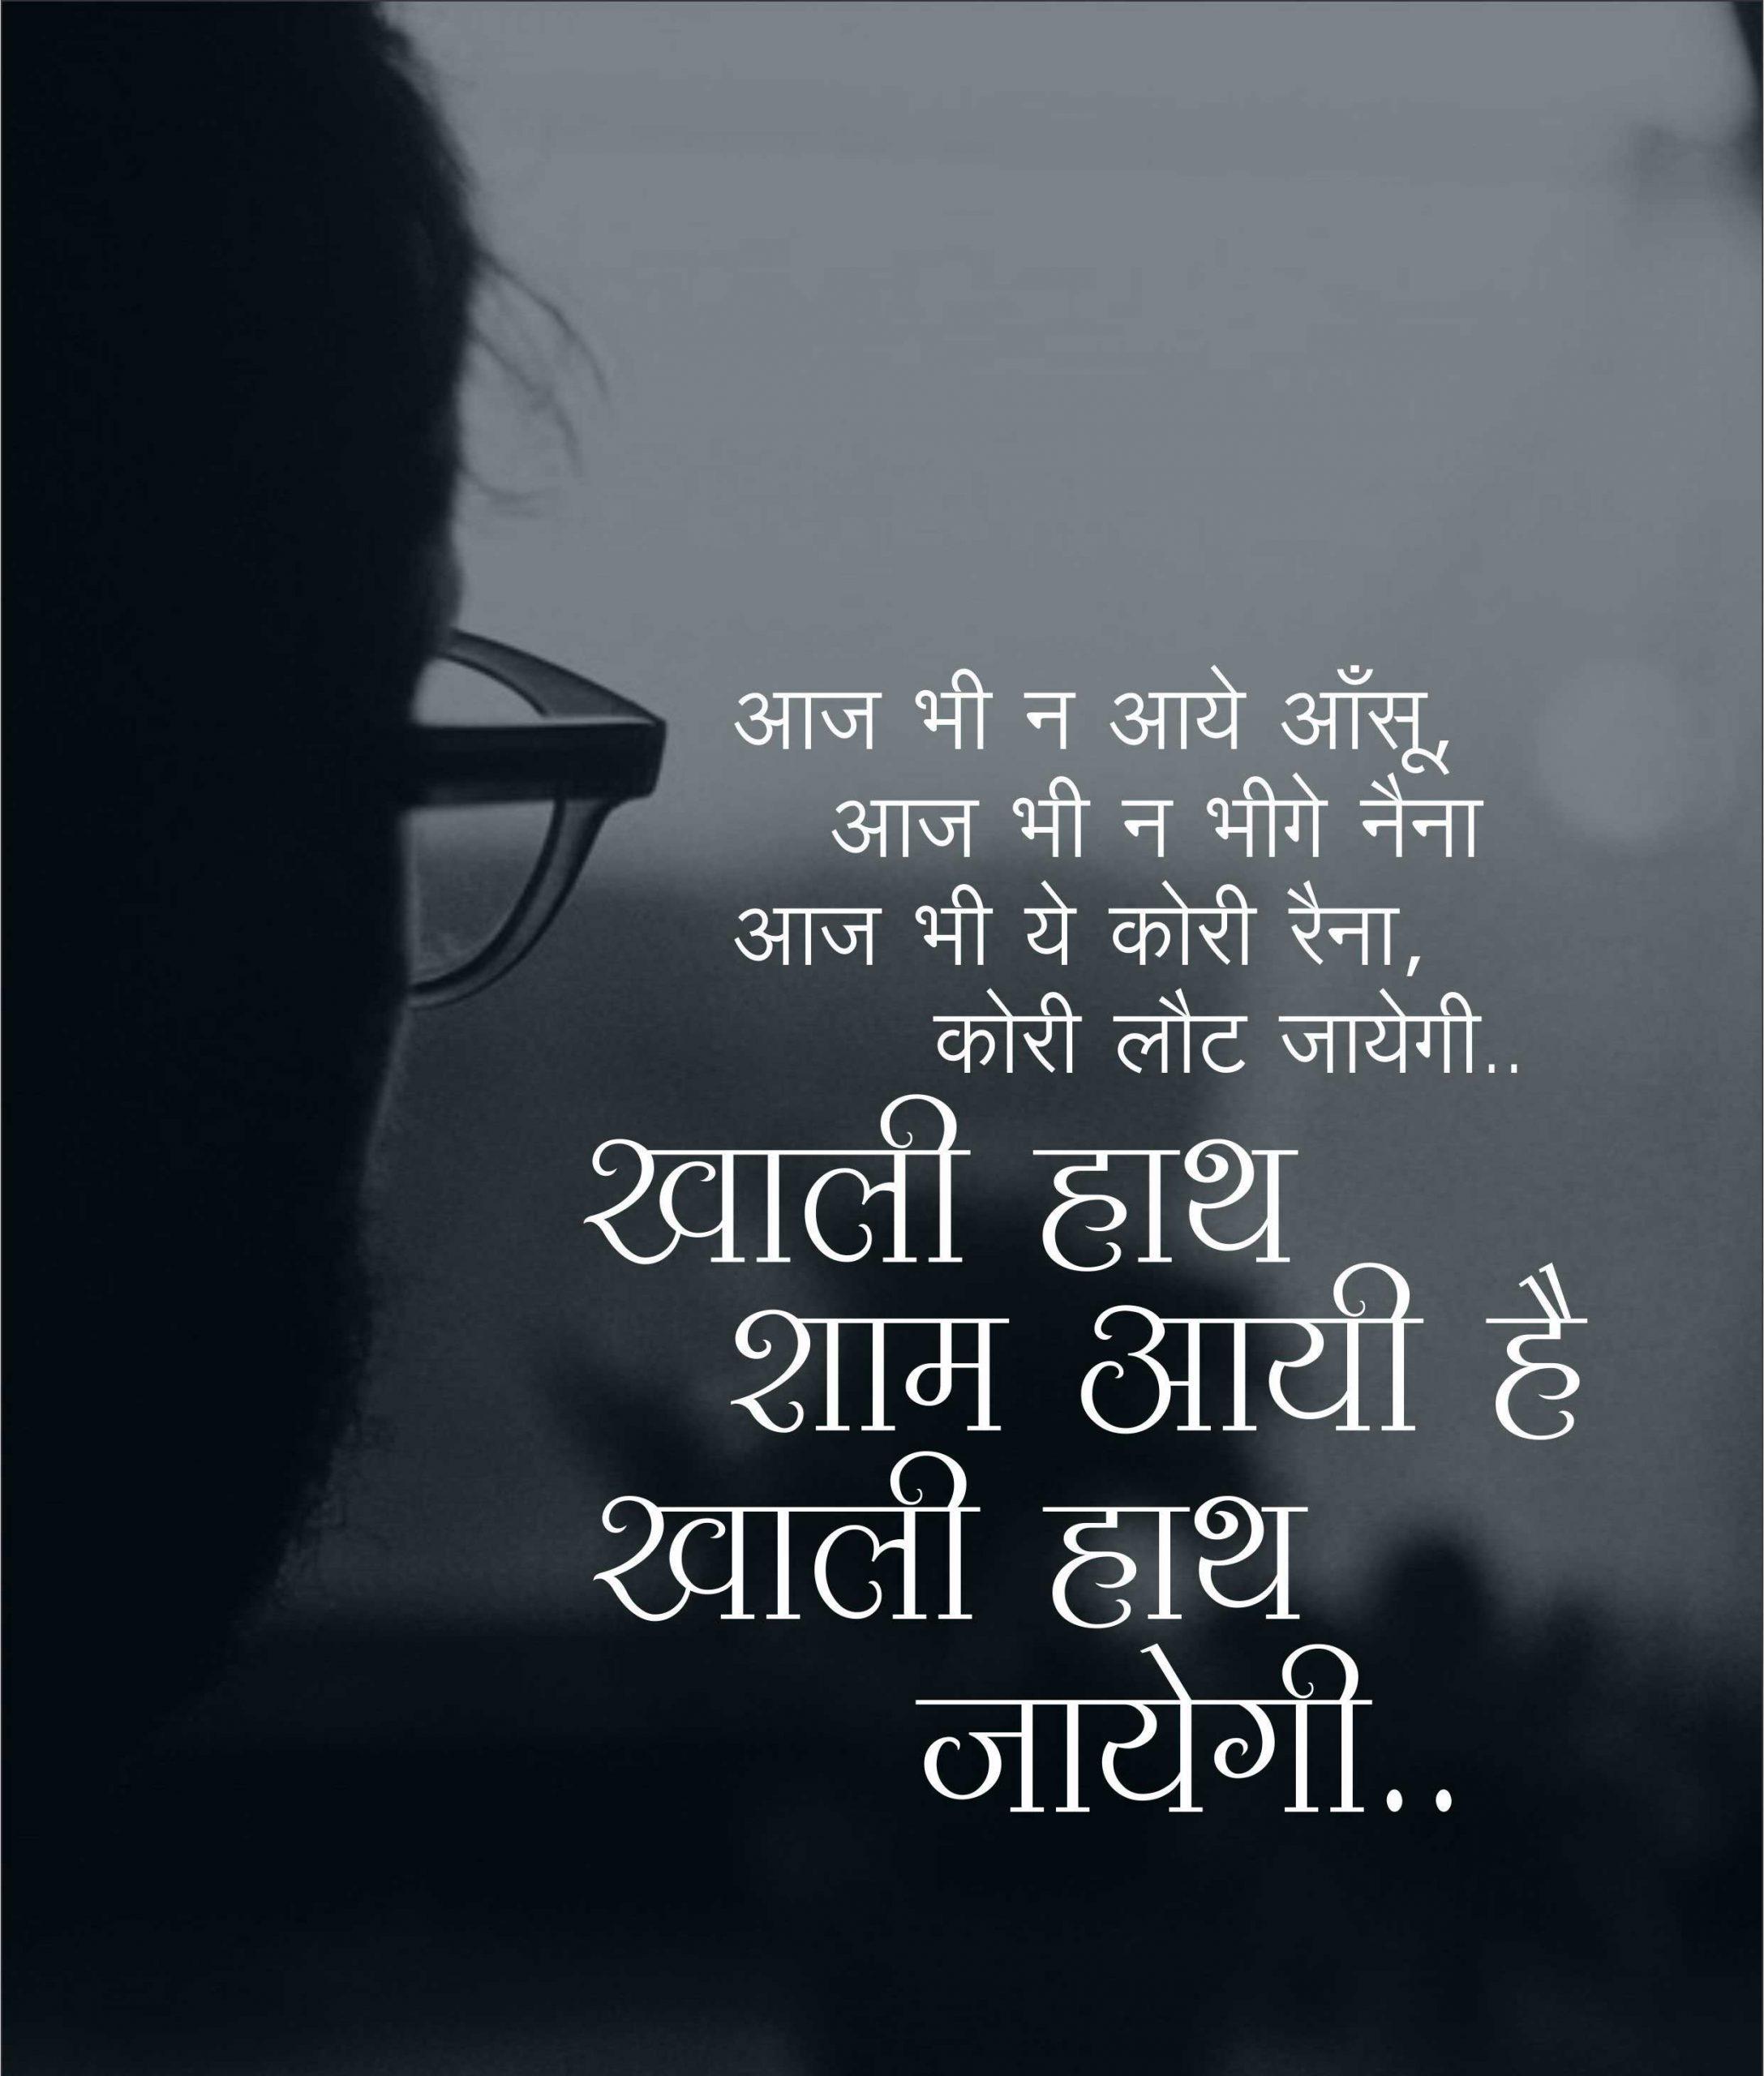 Hindi Quotes Whatsapp DP Images Hd Free